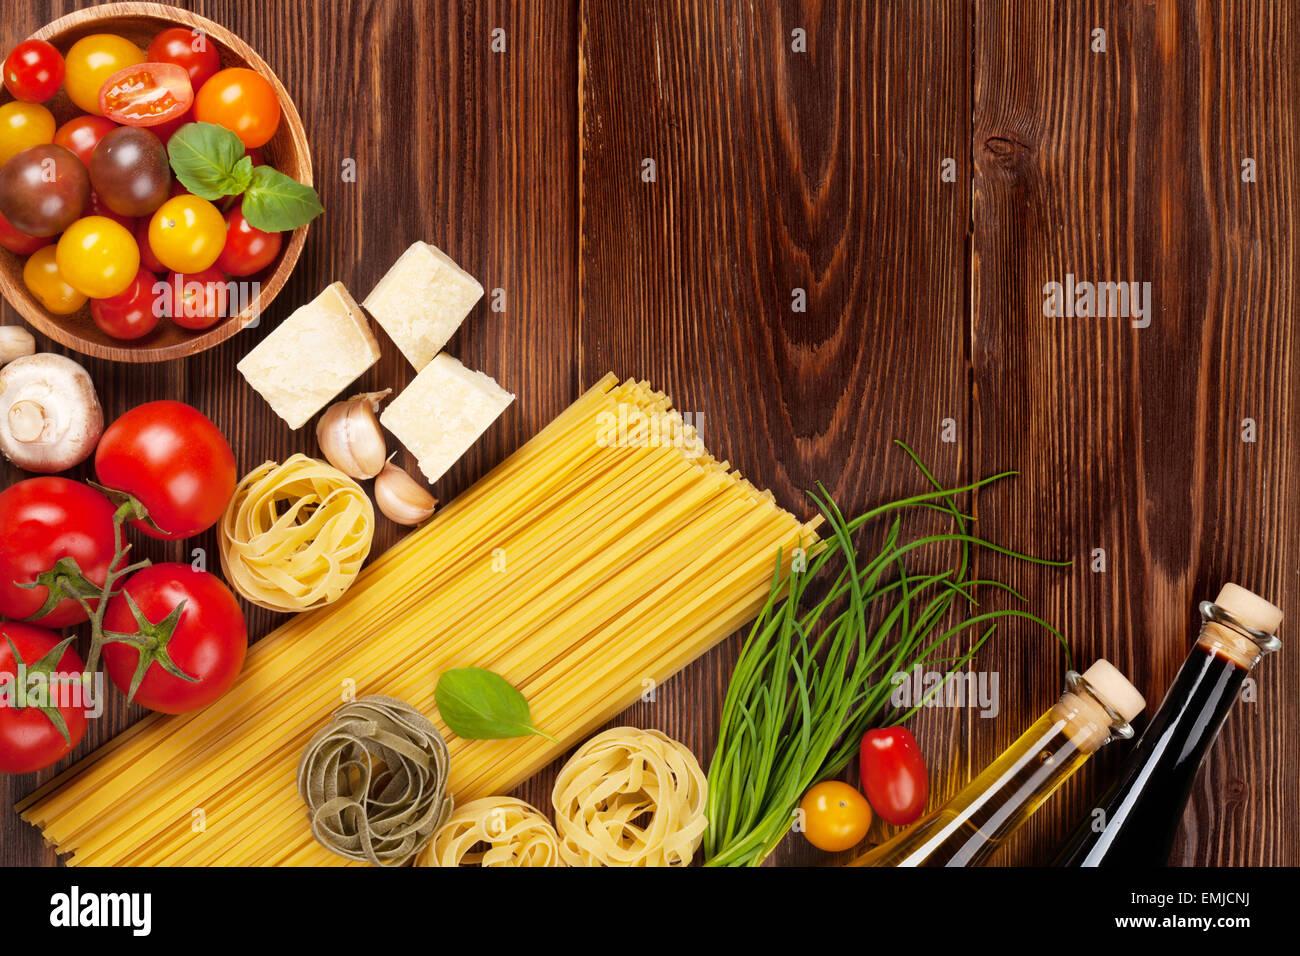 Italienische Küche kochen Zutaten. Nudeln, Tomaten, Basilikum. Draufsicht mit Textfreiraum Stockbild